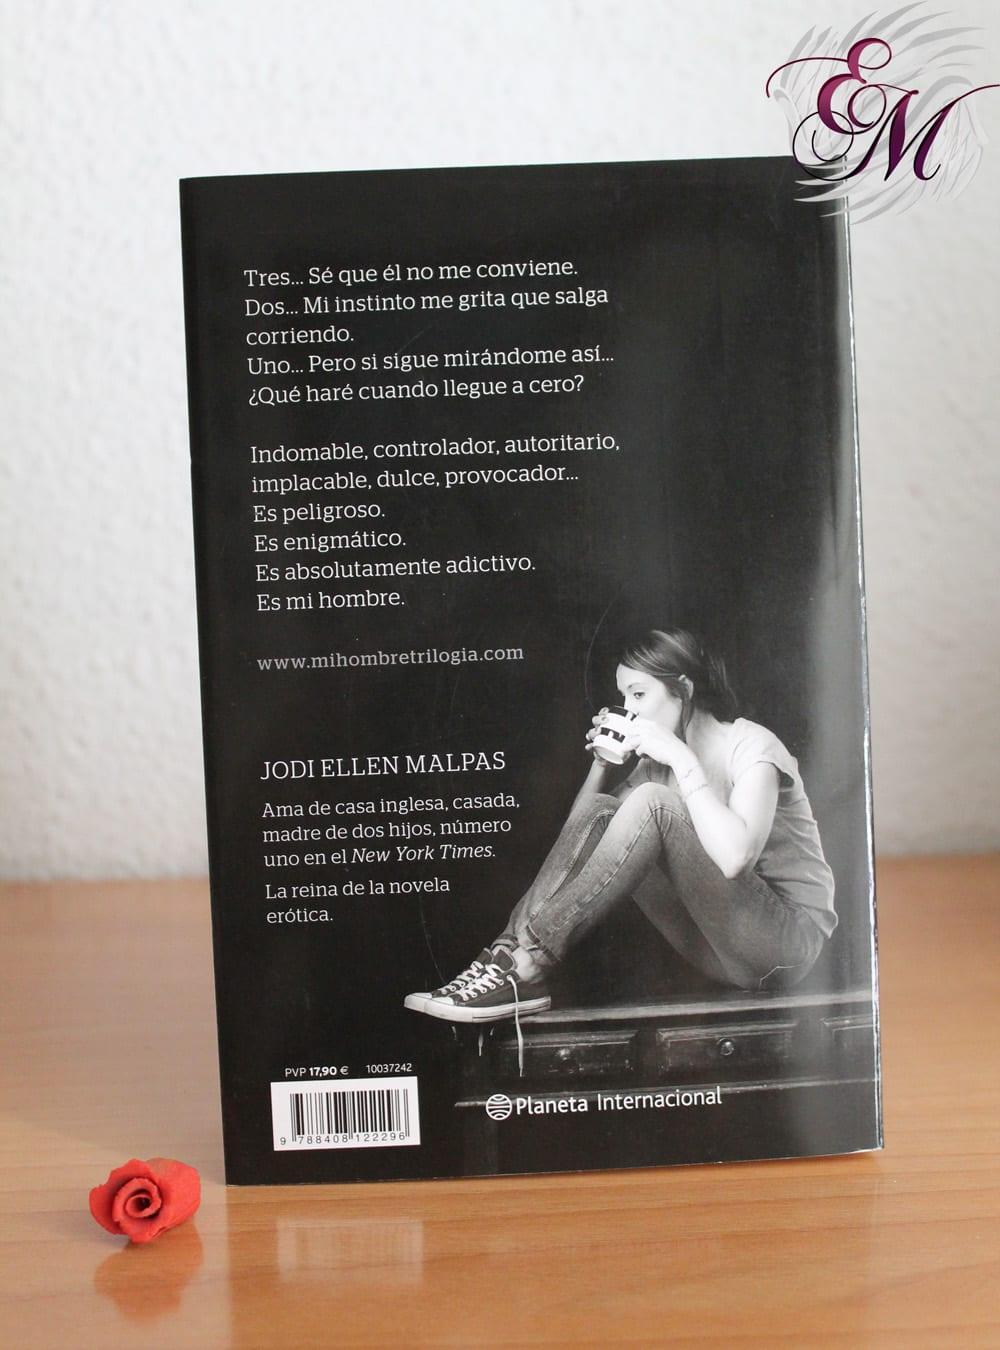 Mi hombre #1: Seducción, de Jodi Ellen Malpas - Reseña